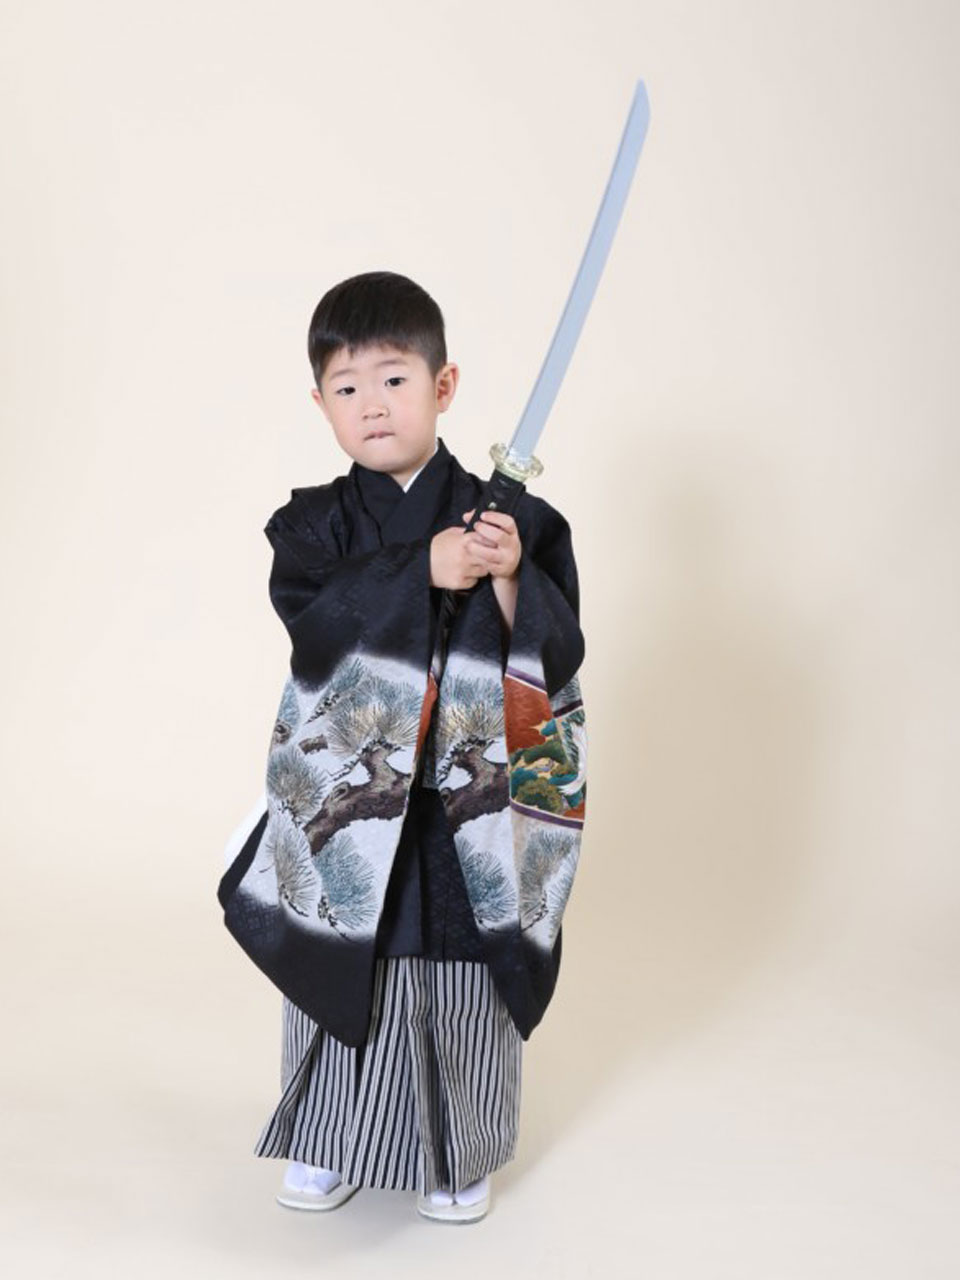 七五三(五歳男児)